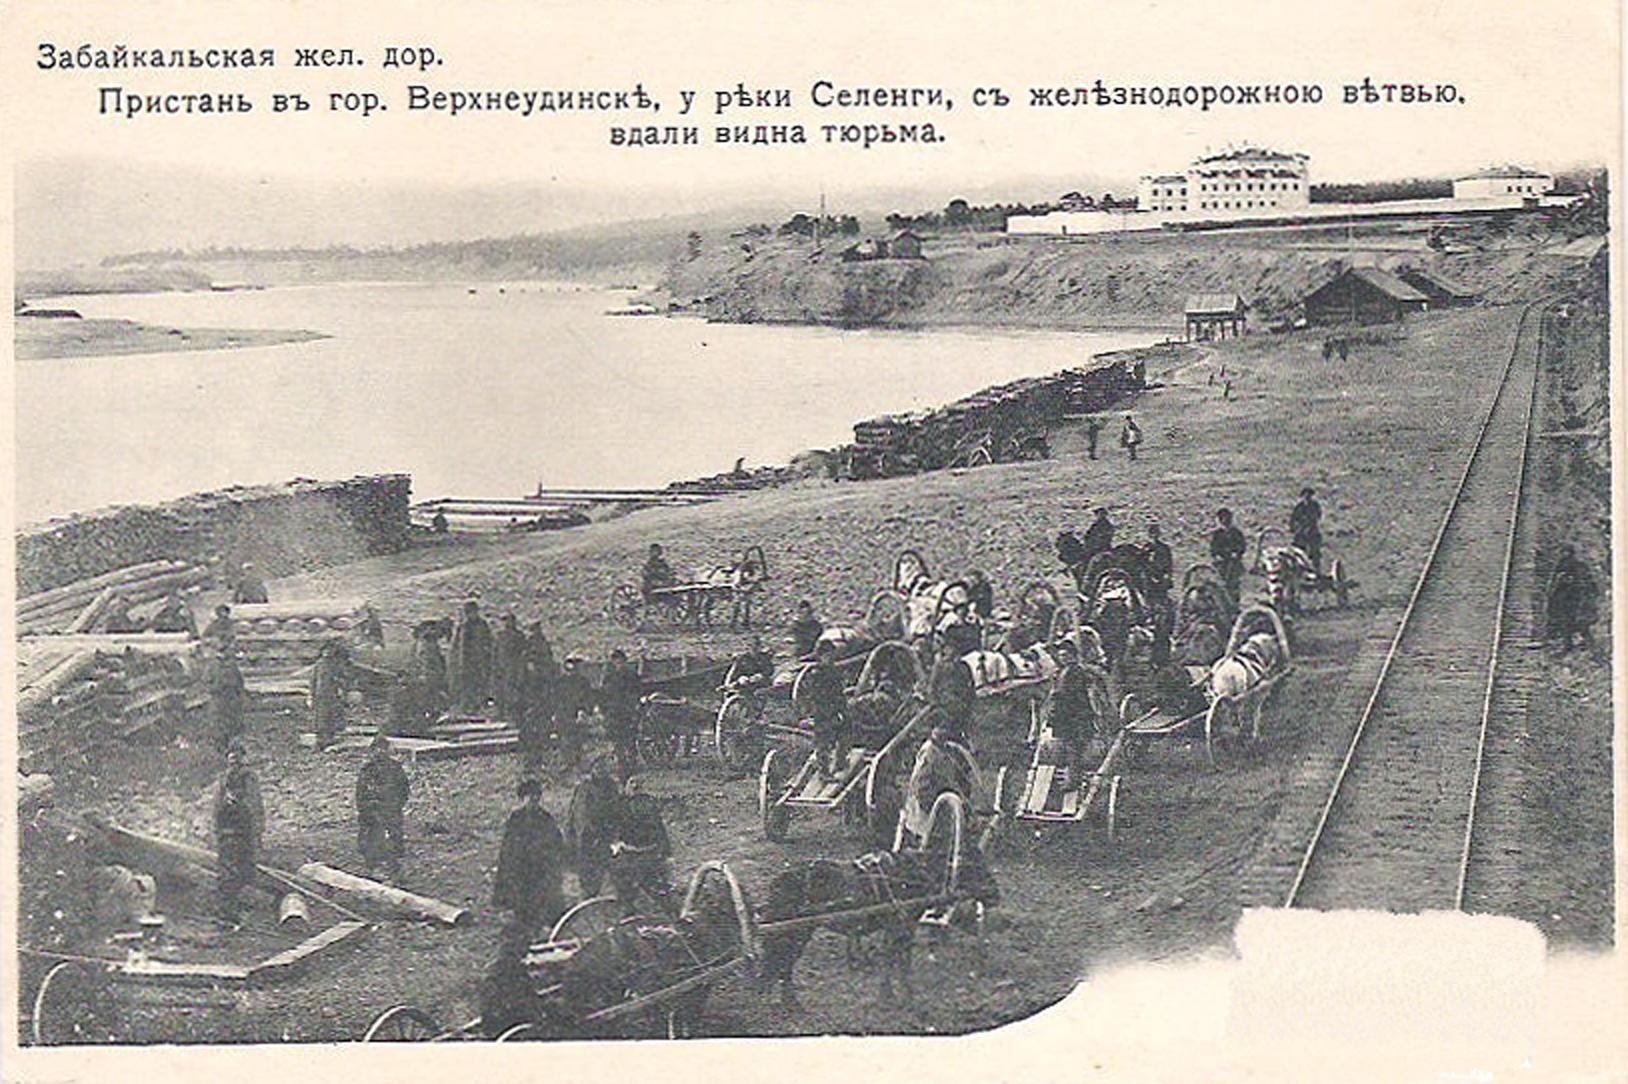 Город Верхнеудинск. Пристань. Вдали видна тюрьма